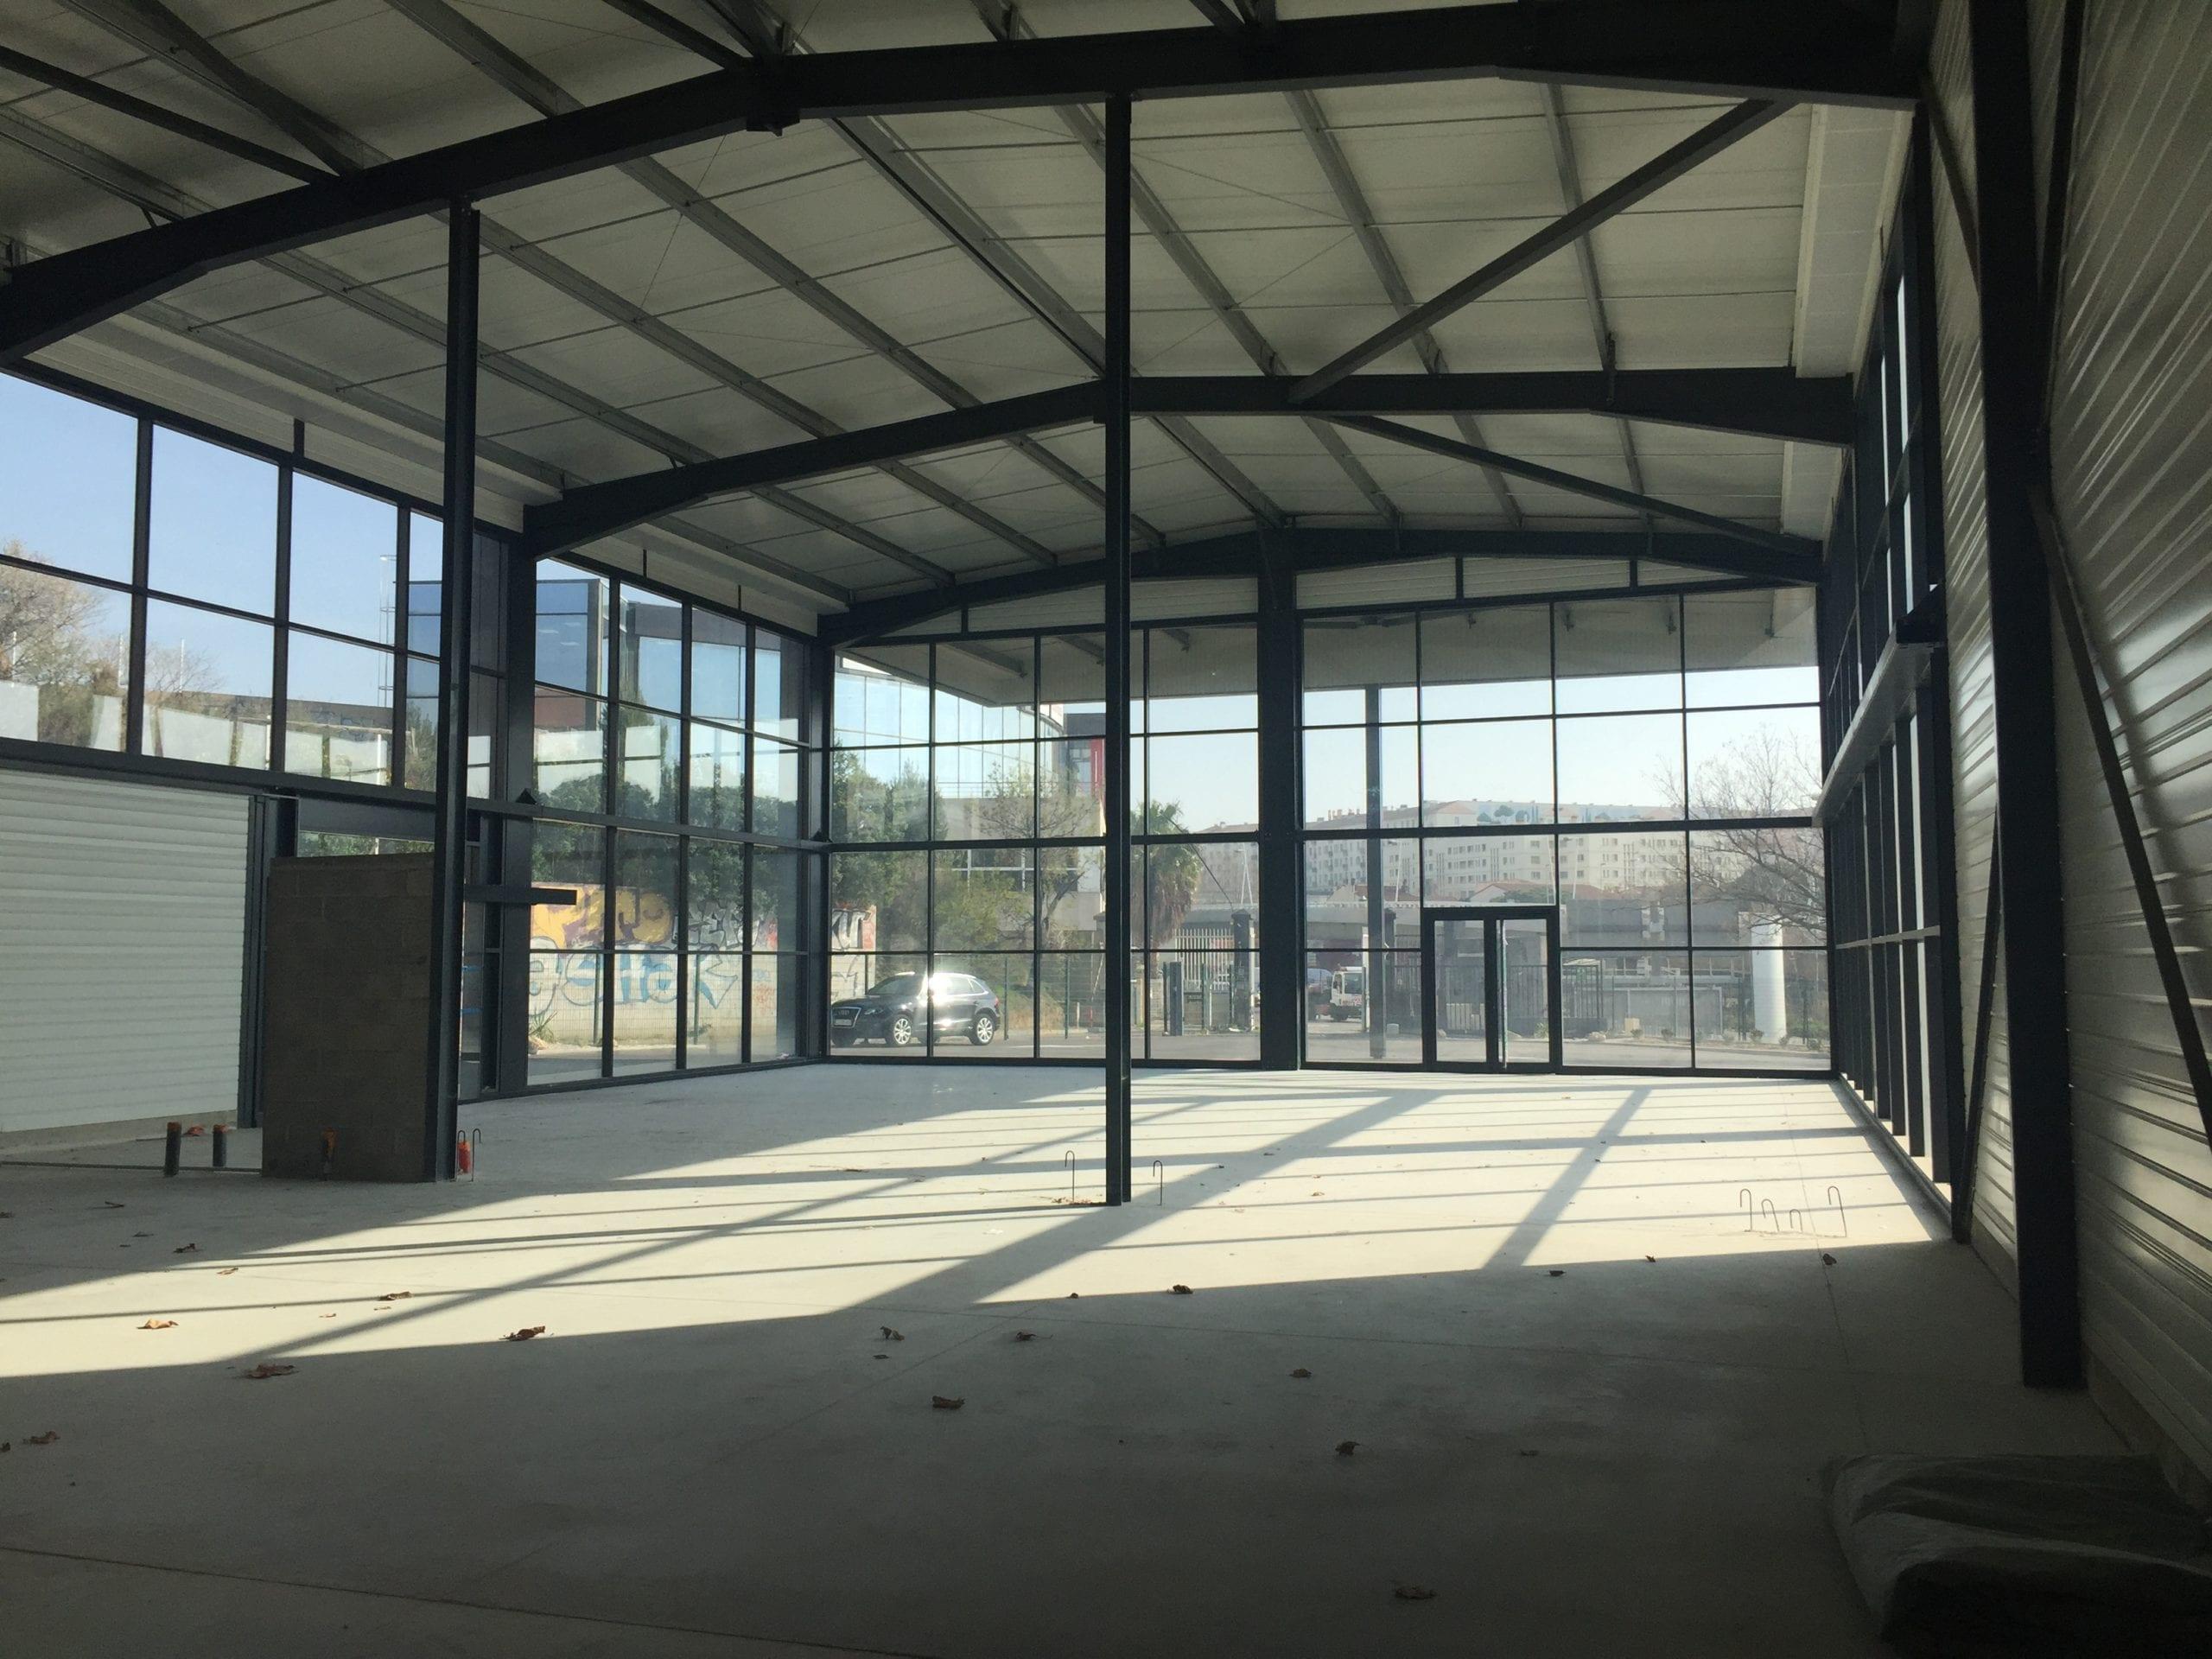 Vente Bâtiment Activité/commercial 1000m²/ 3500 m²- A vendre Marseille 13014 Plombières